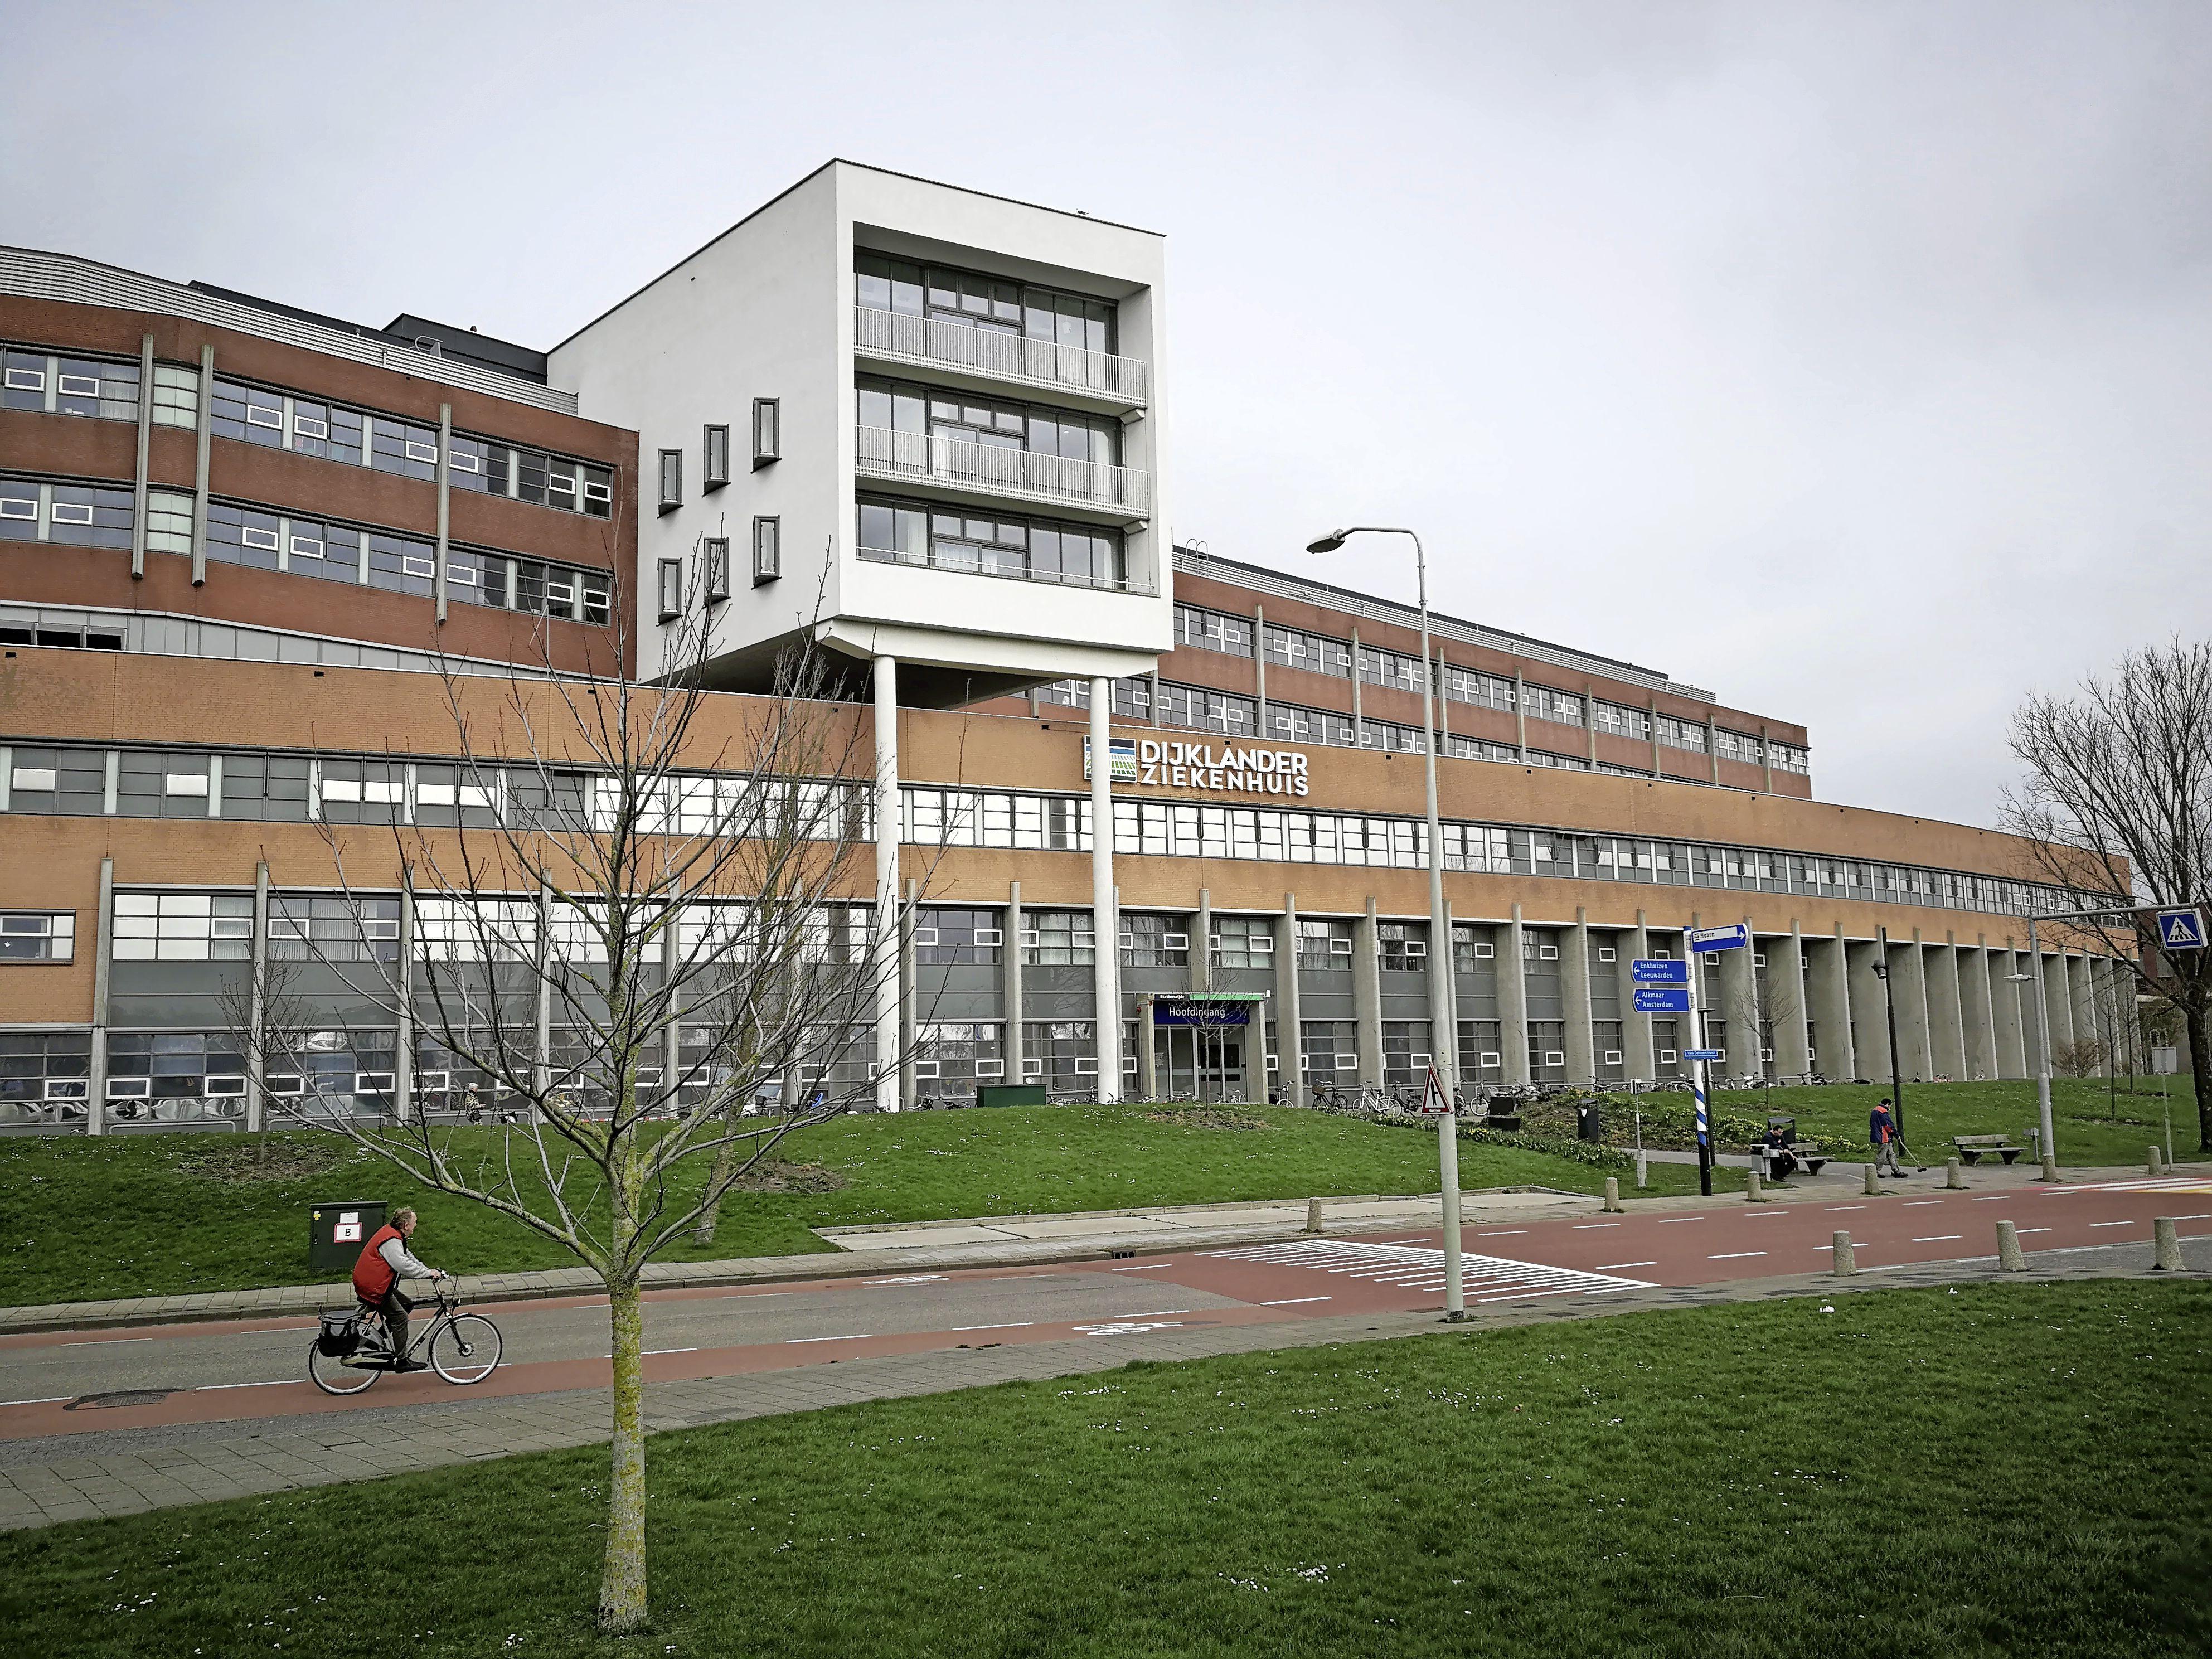 Nog maar twee coronapatiënten in Dijklander Ziekenhuis. Nieuwe uitdaging is nu wegwerken van lange wachtlijsten